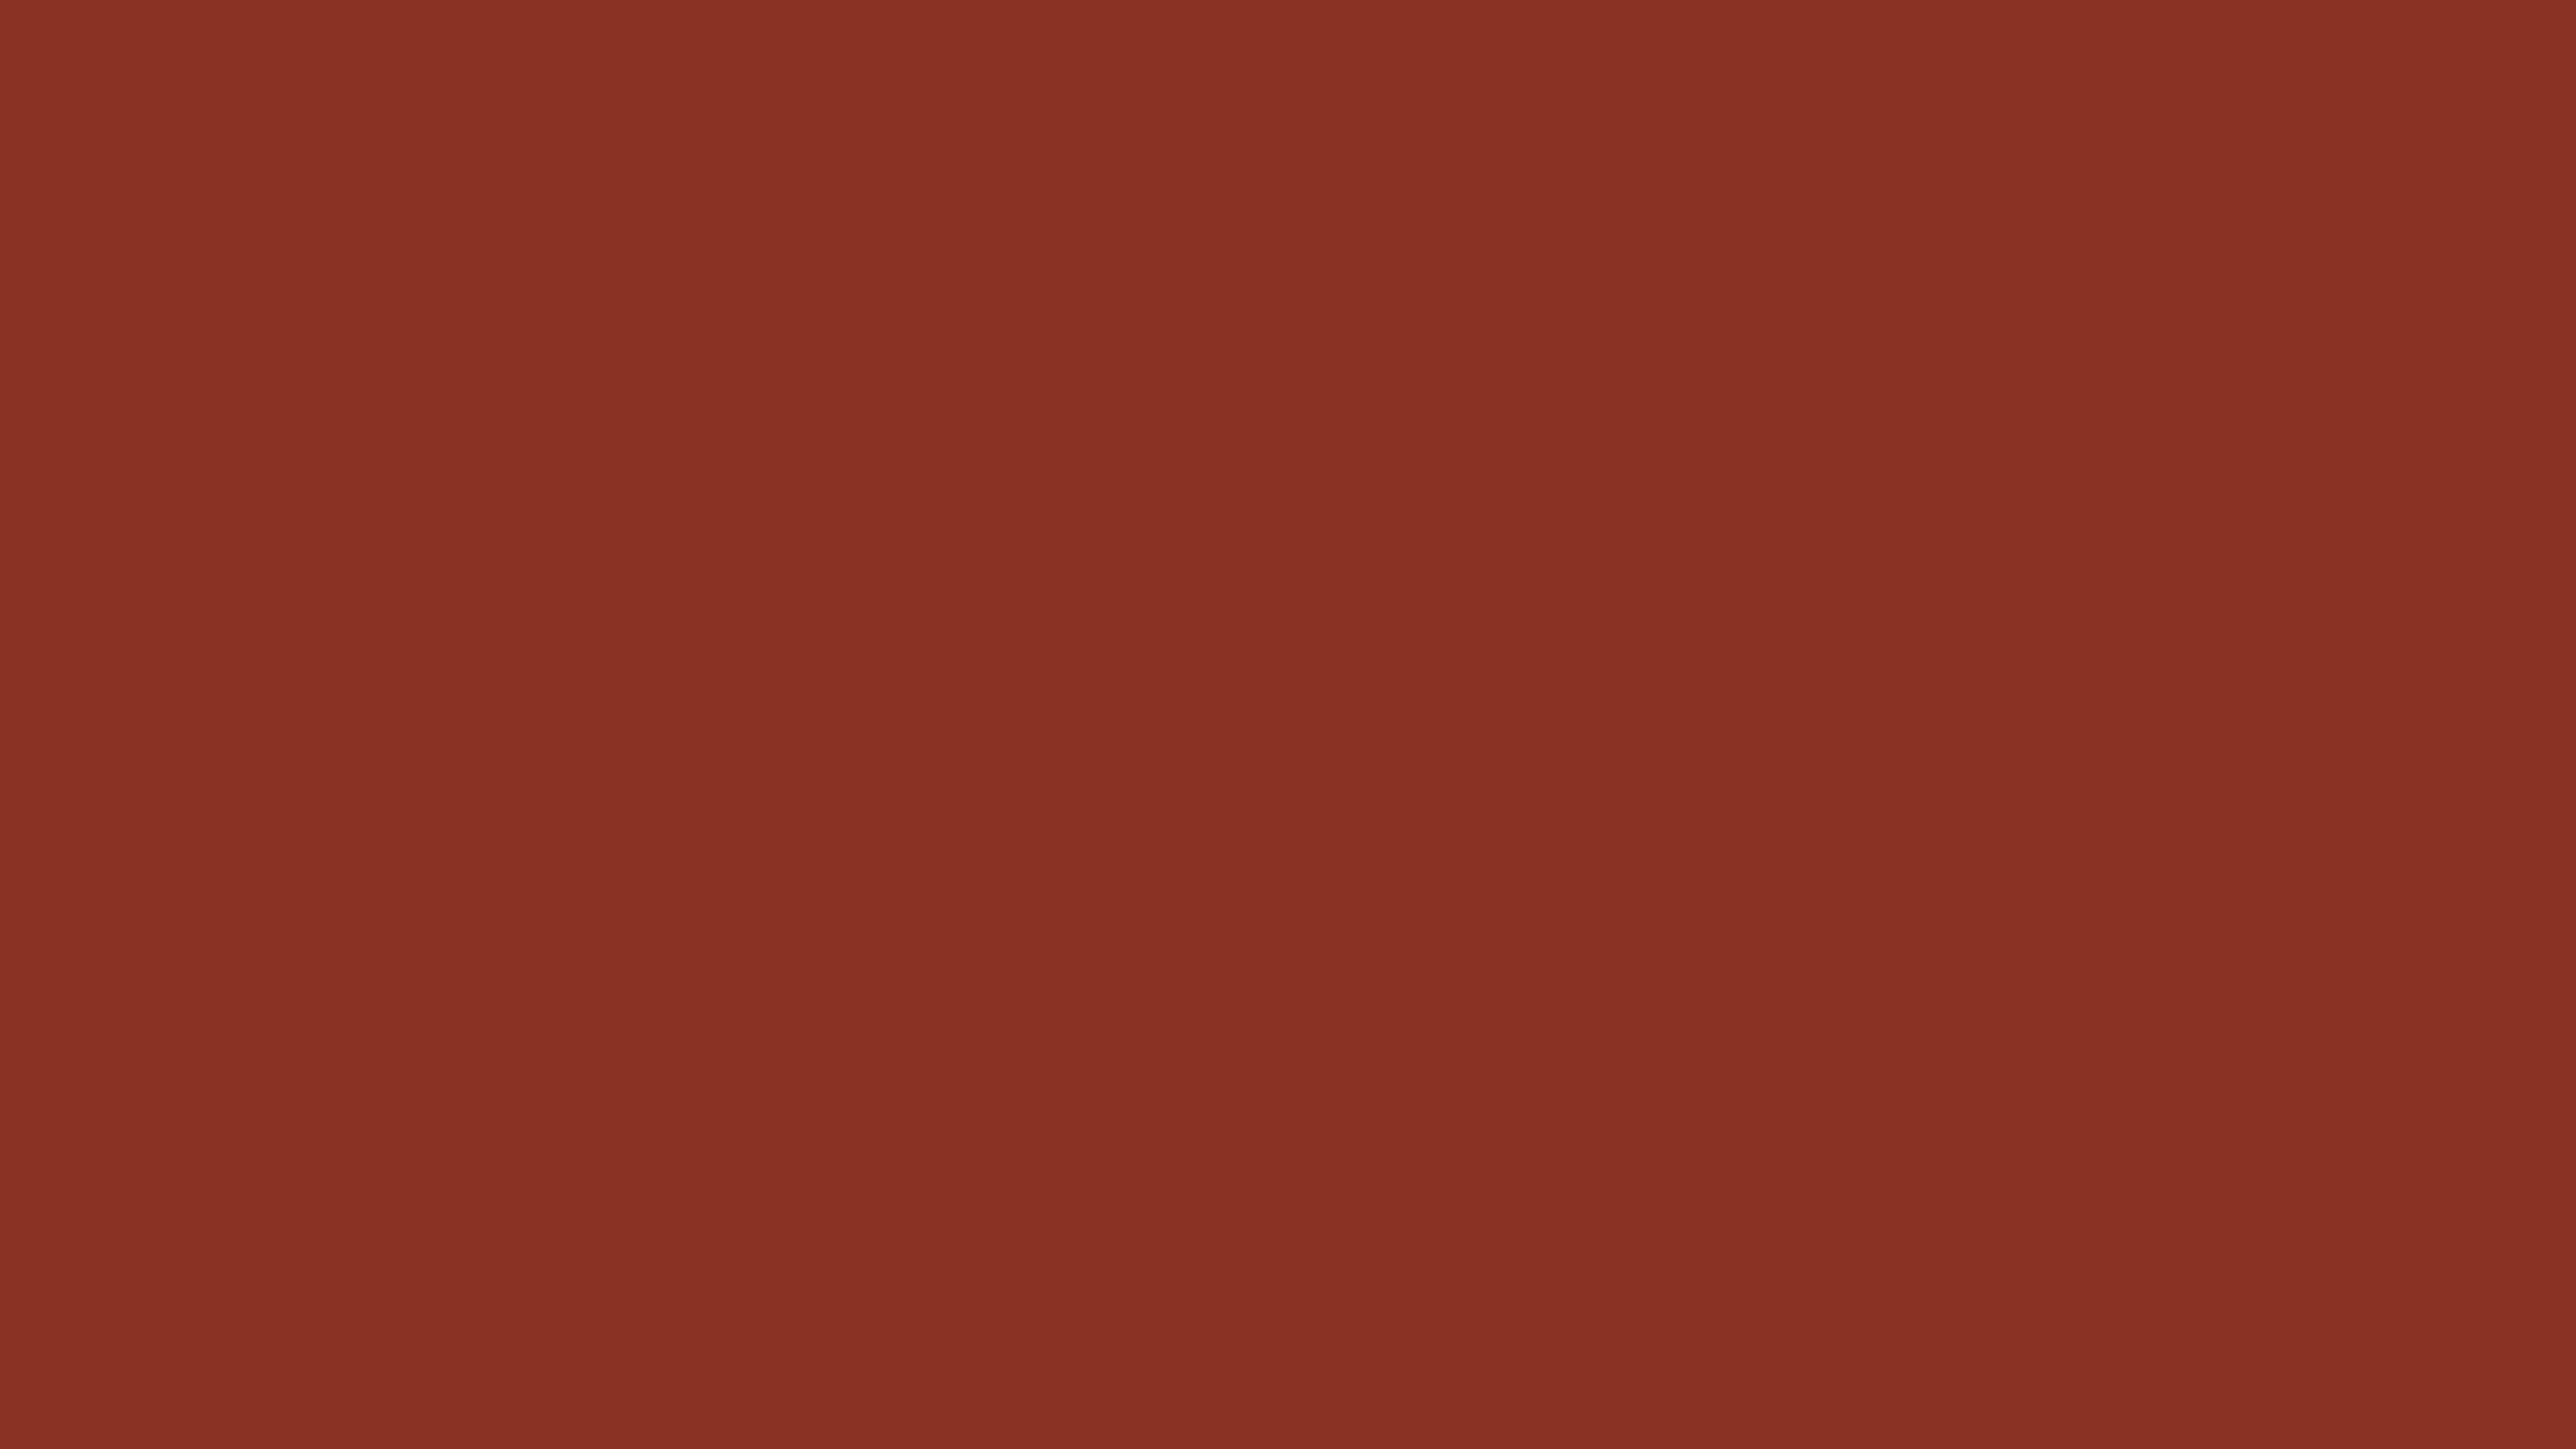 3840x2160 Burnt Umber Solid Color Background